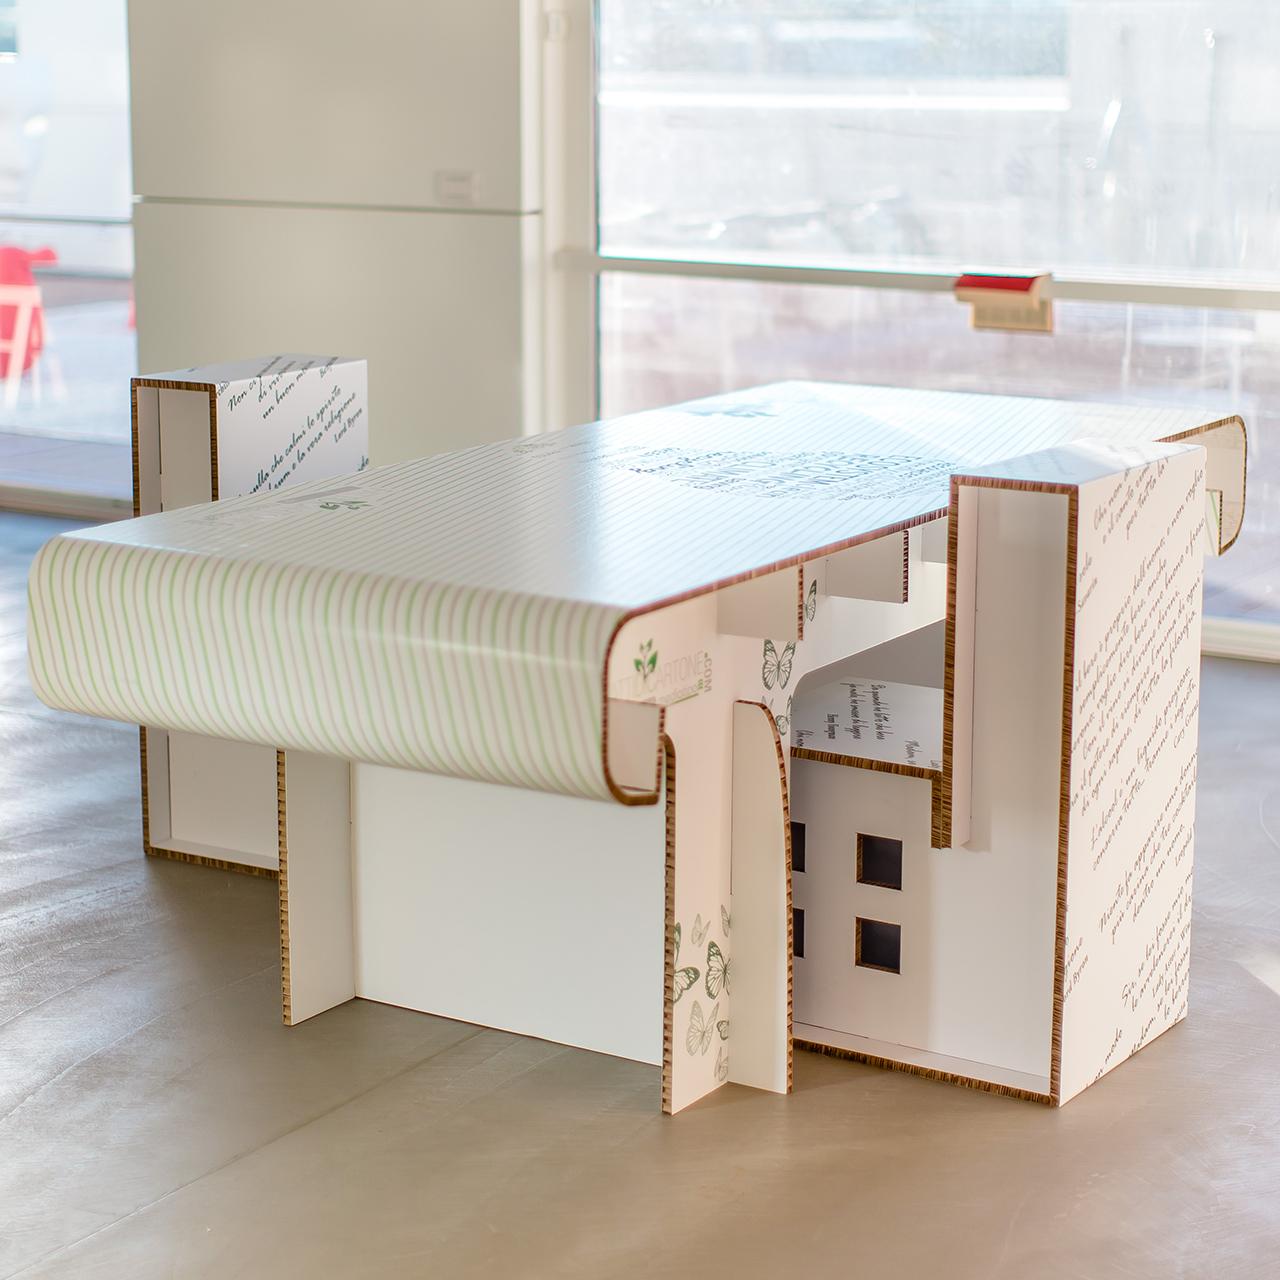 I prodotti fatti di cartonefatti di cartone - Mobili in cartone design ...